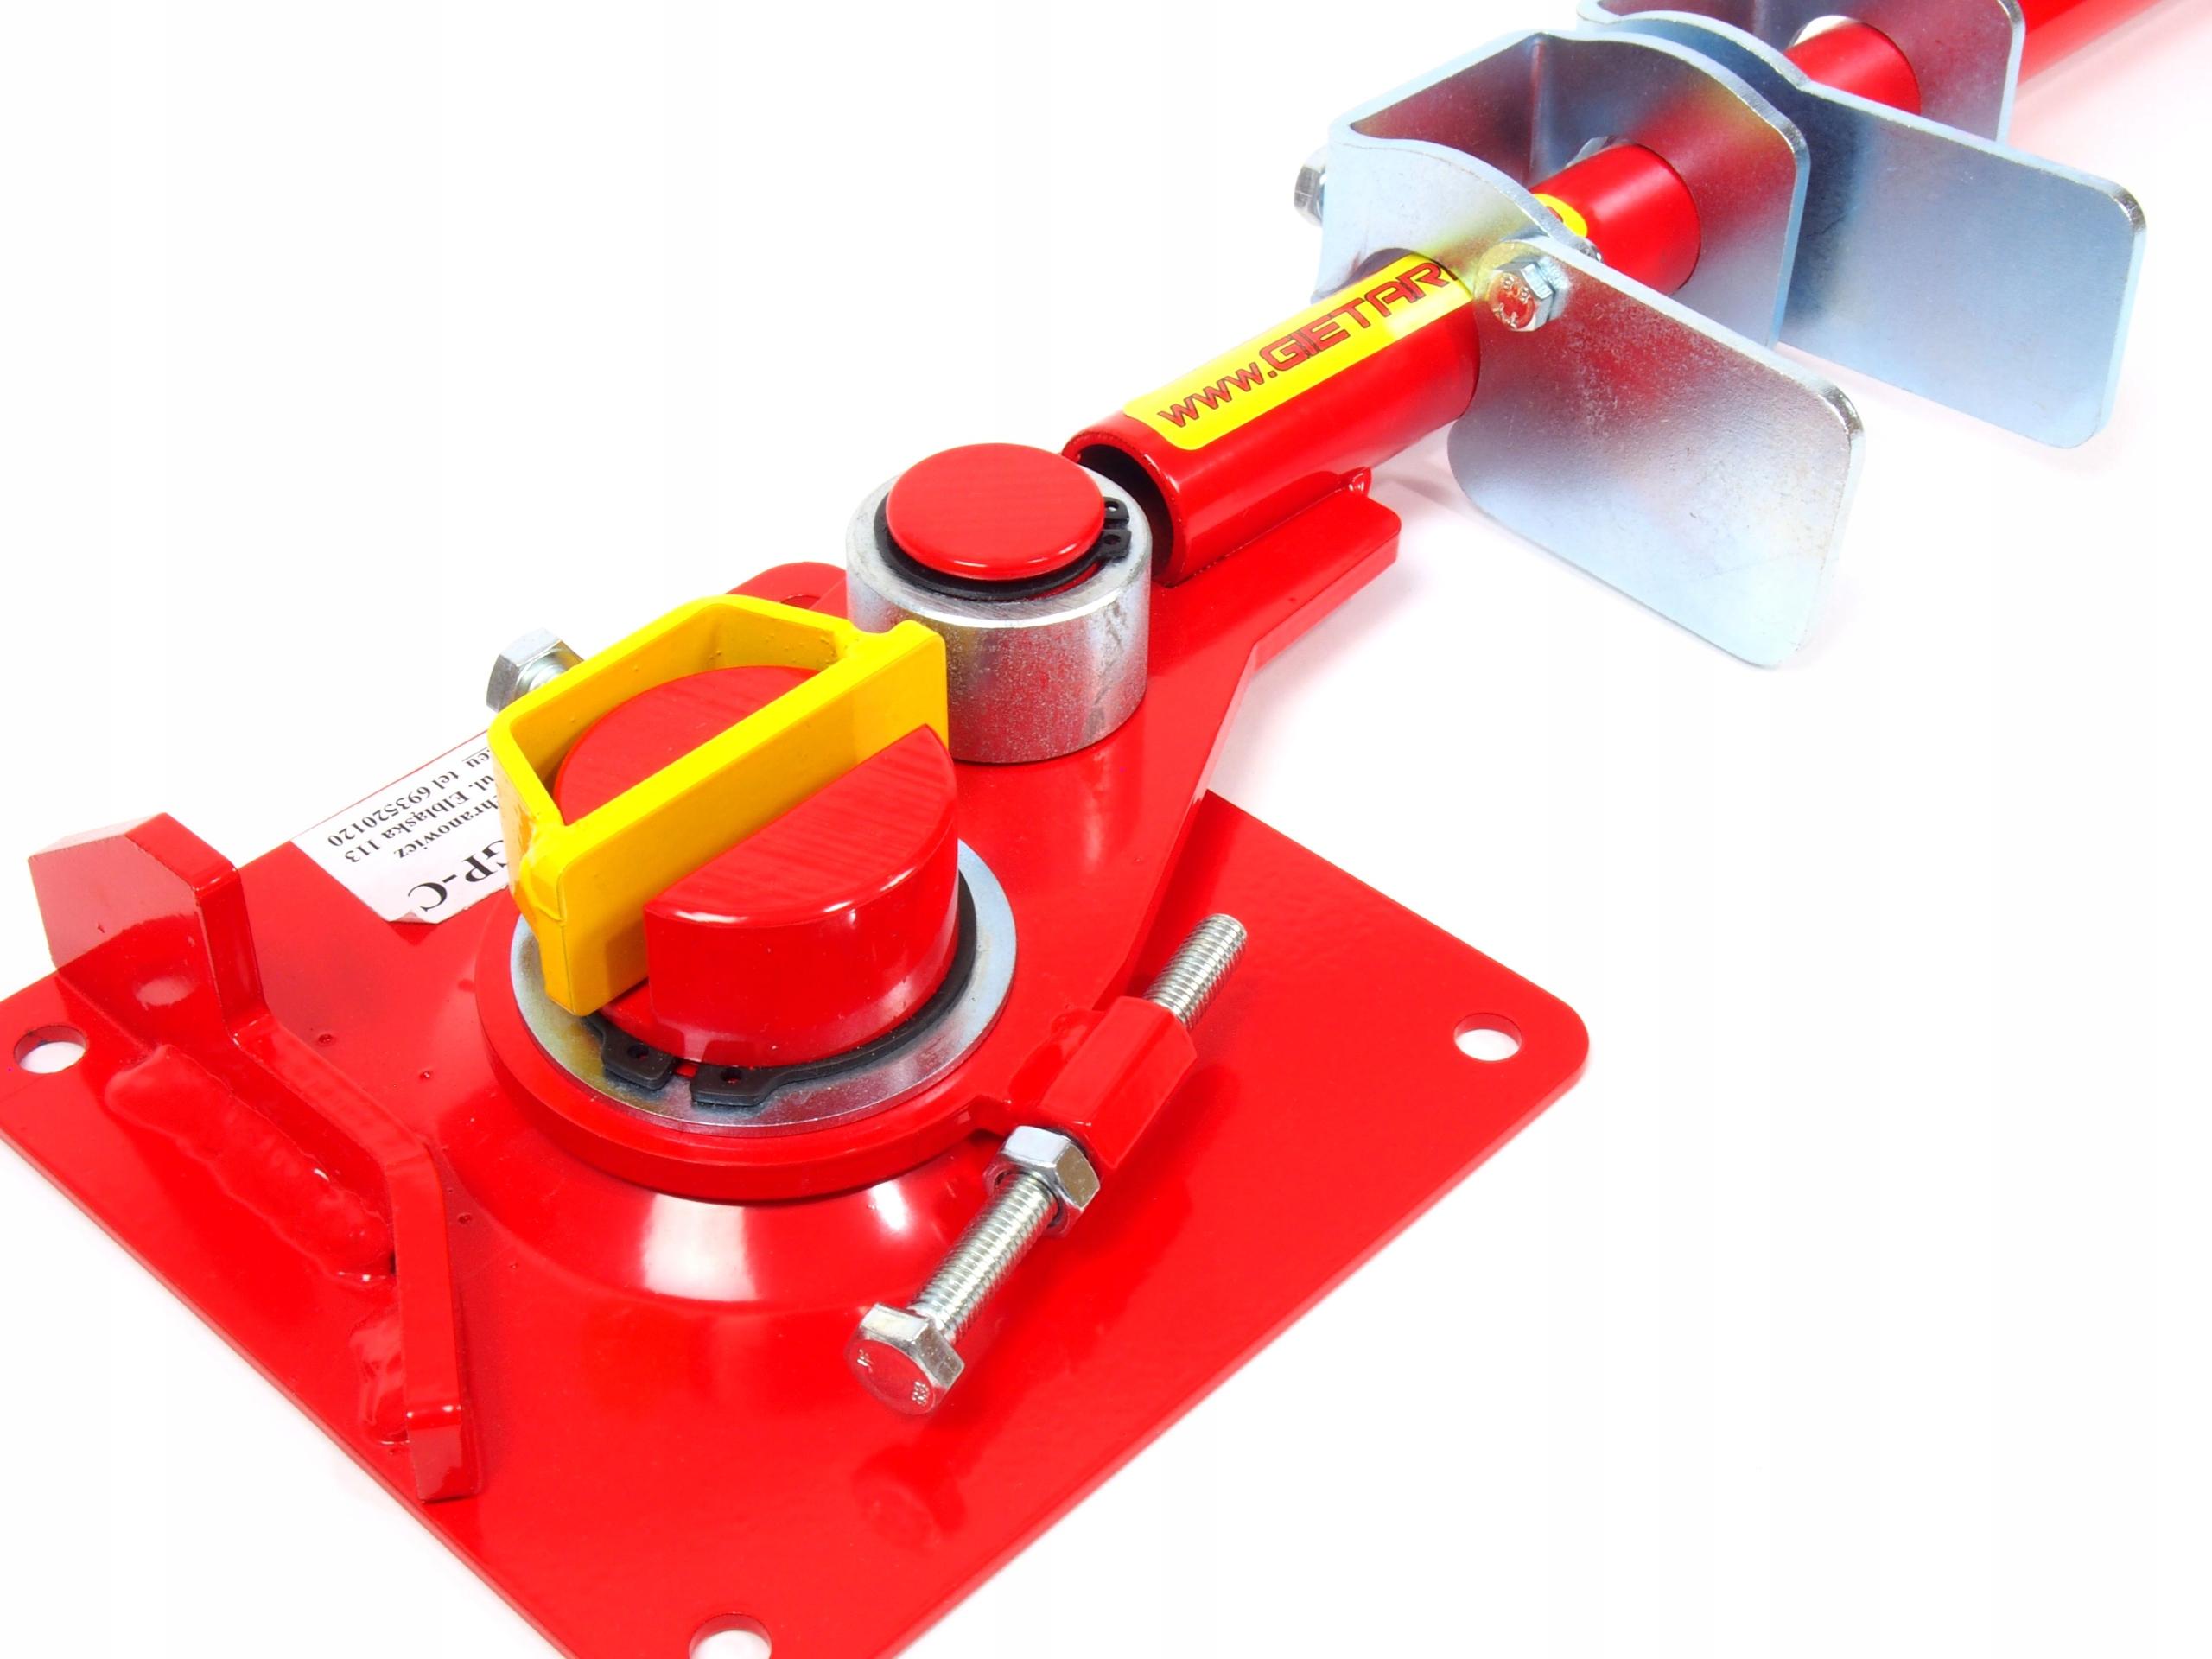 Станок для гибки канавок 6-14 для армирования проволоки с канавками 12 мм